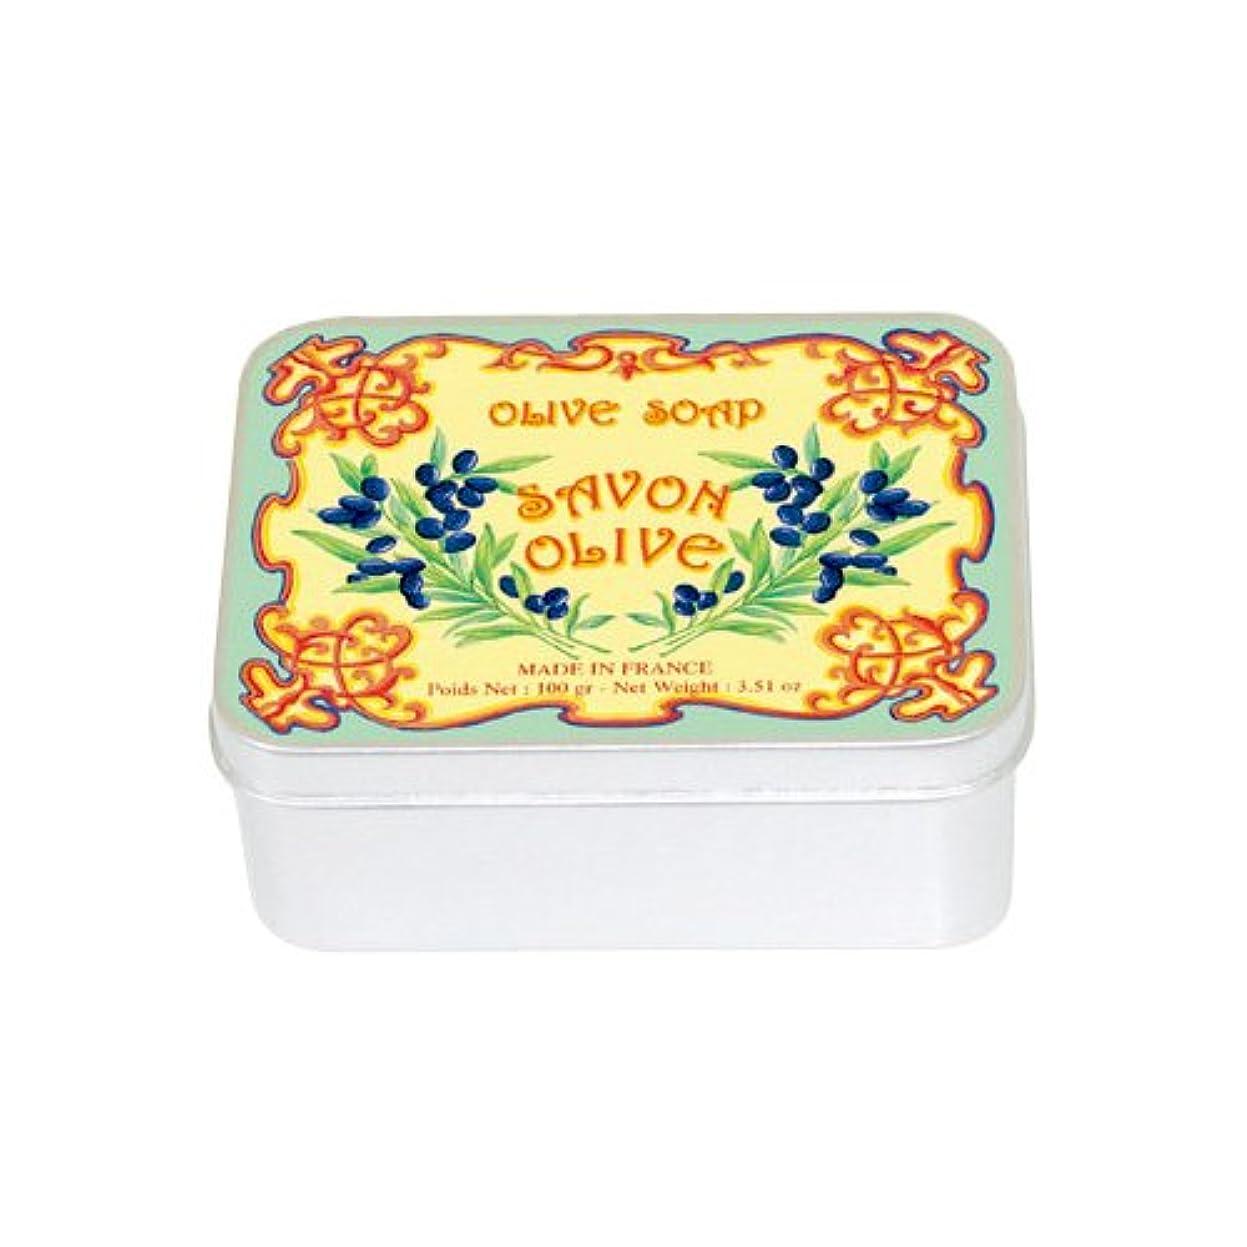 不毛の機関車ダースルブランソープ メタルボックス(オリーブの香り)石鹸